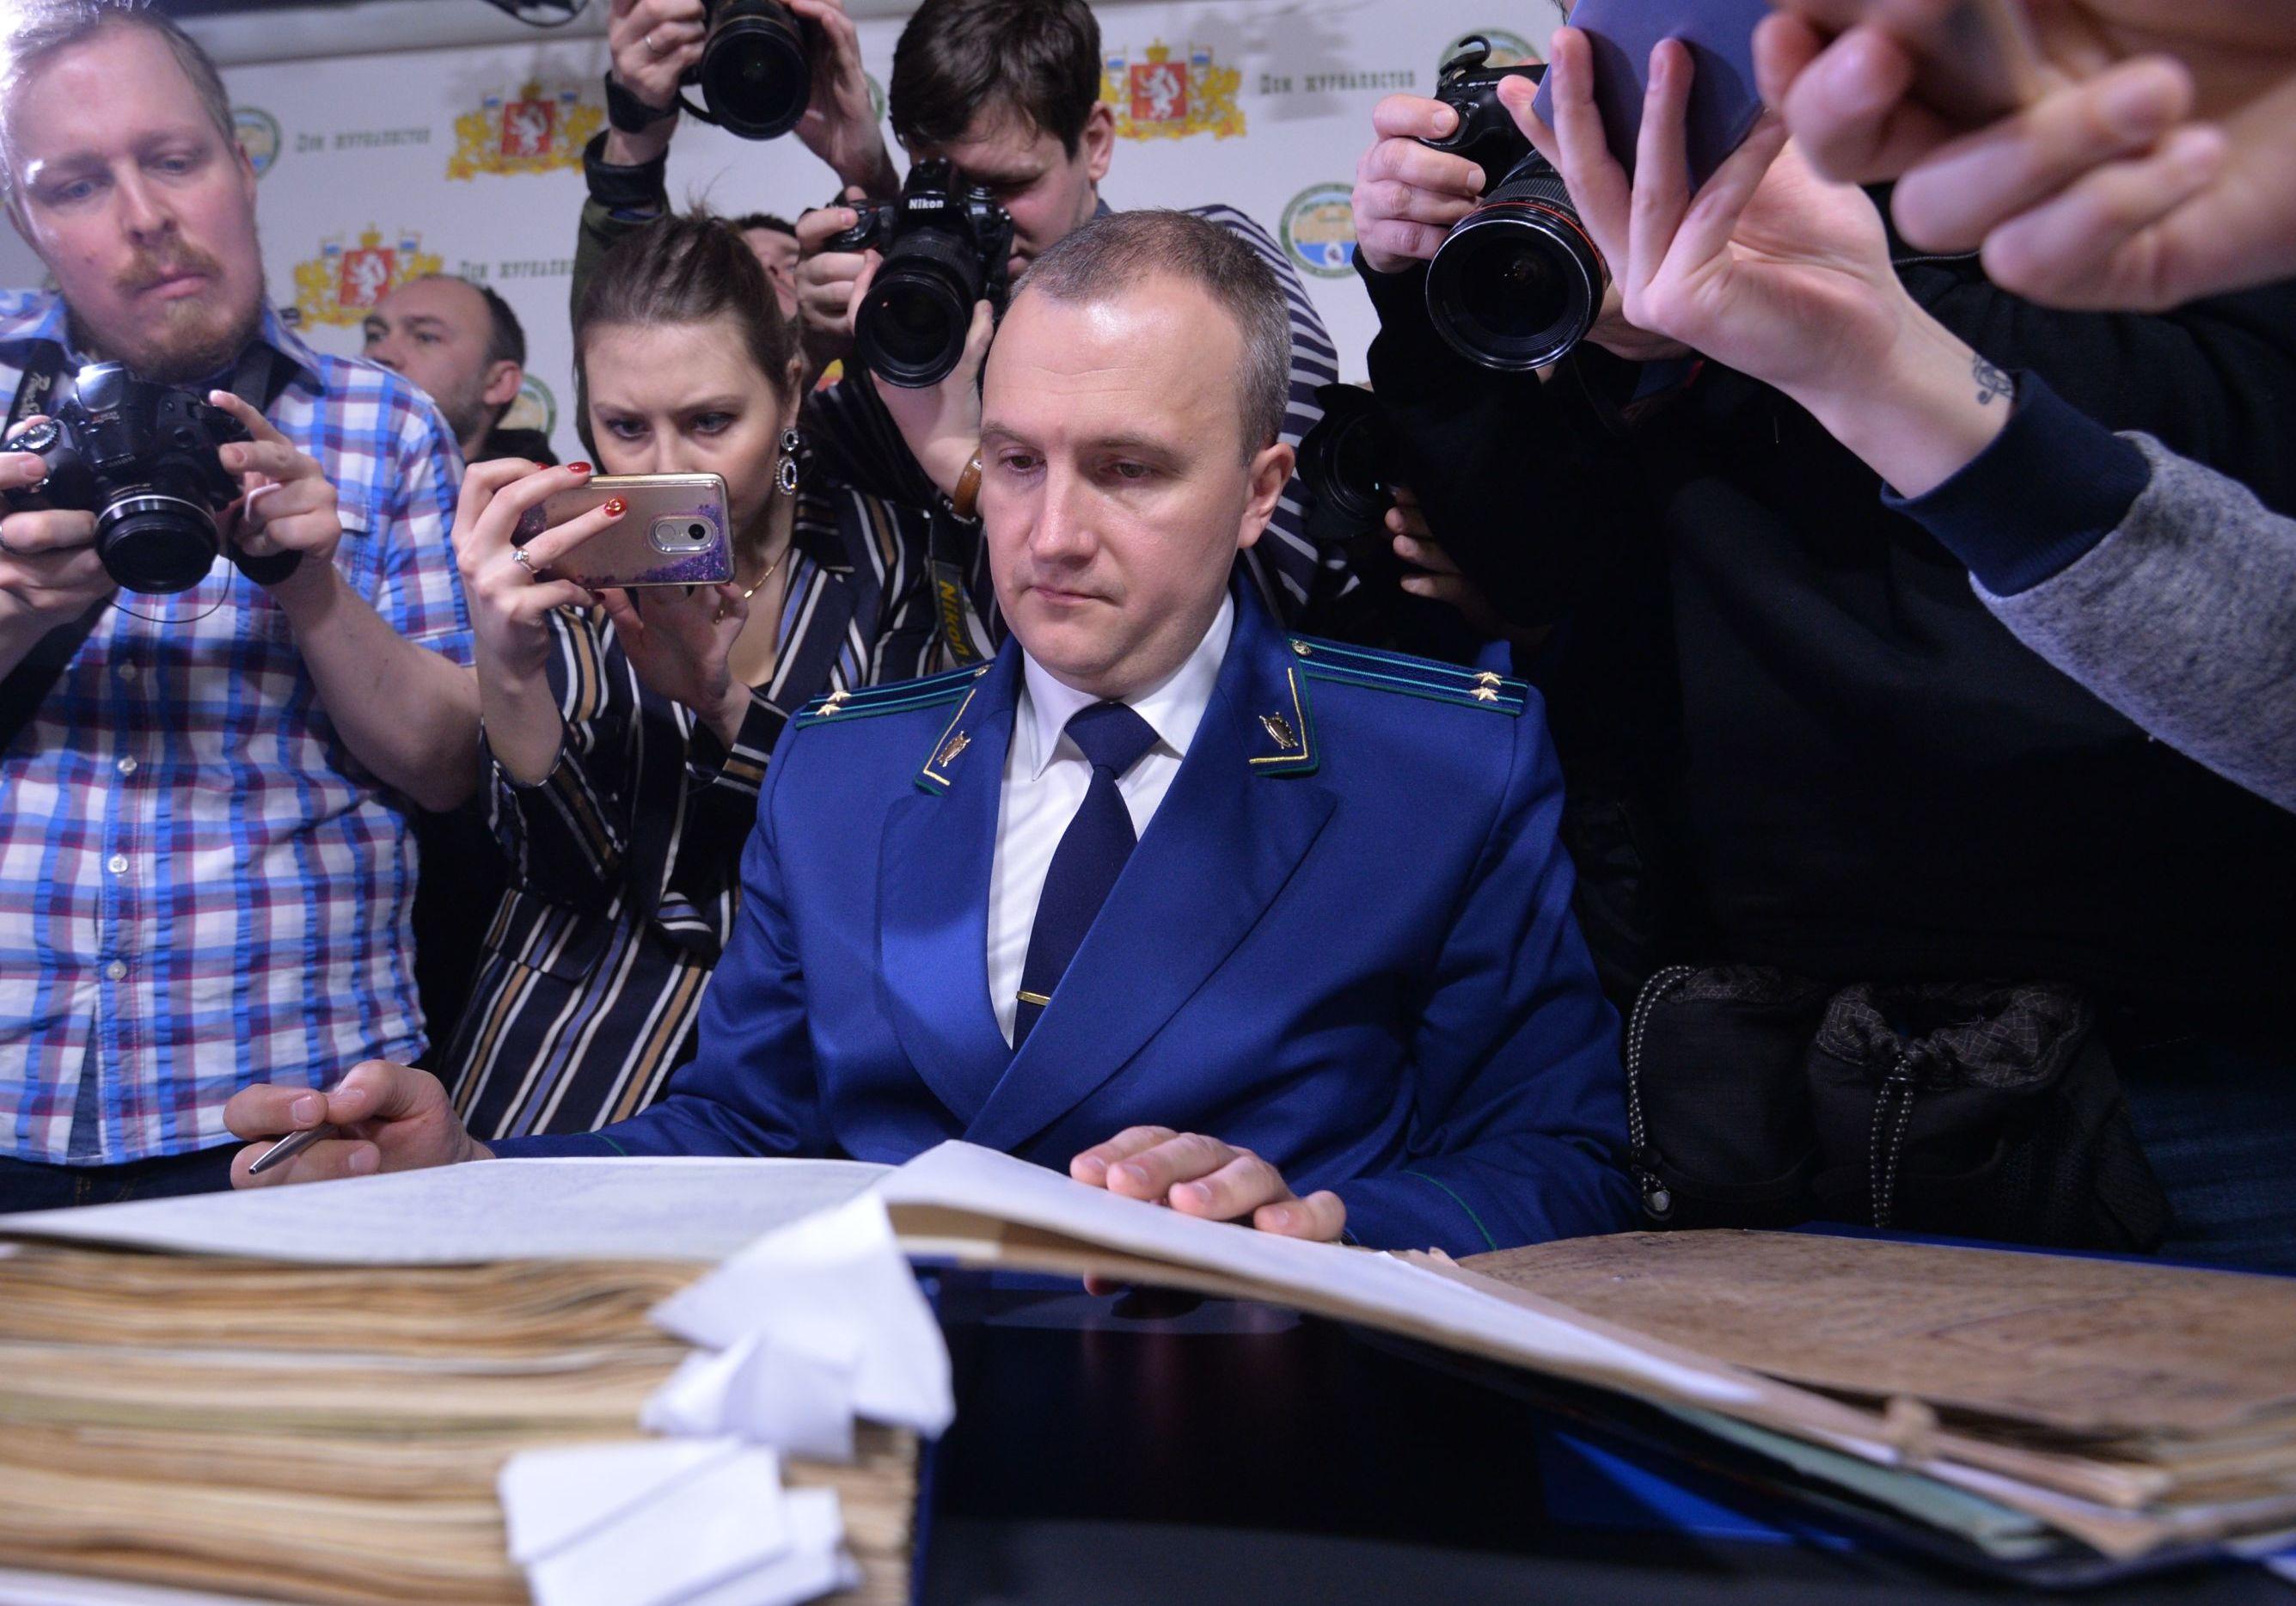 2 febbraio 2019: il comandante della commissione d'inchiesta nominata dalla procura di Ekaterinburg Andrey Kuryakov, durante la iconferenza stampa dedicata alla pubblicazione dei materiali del fascicolo aperto nel 1959 sulla morte del gruppo guidato da Igor Dyatlov.